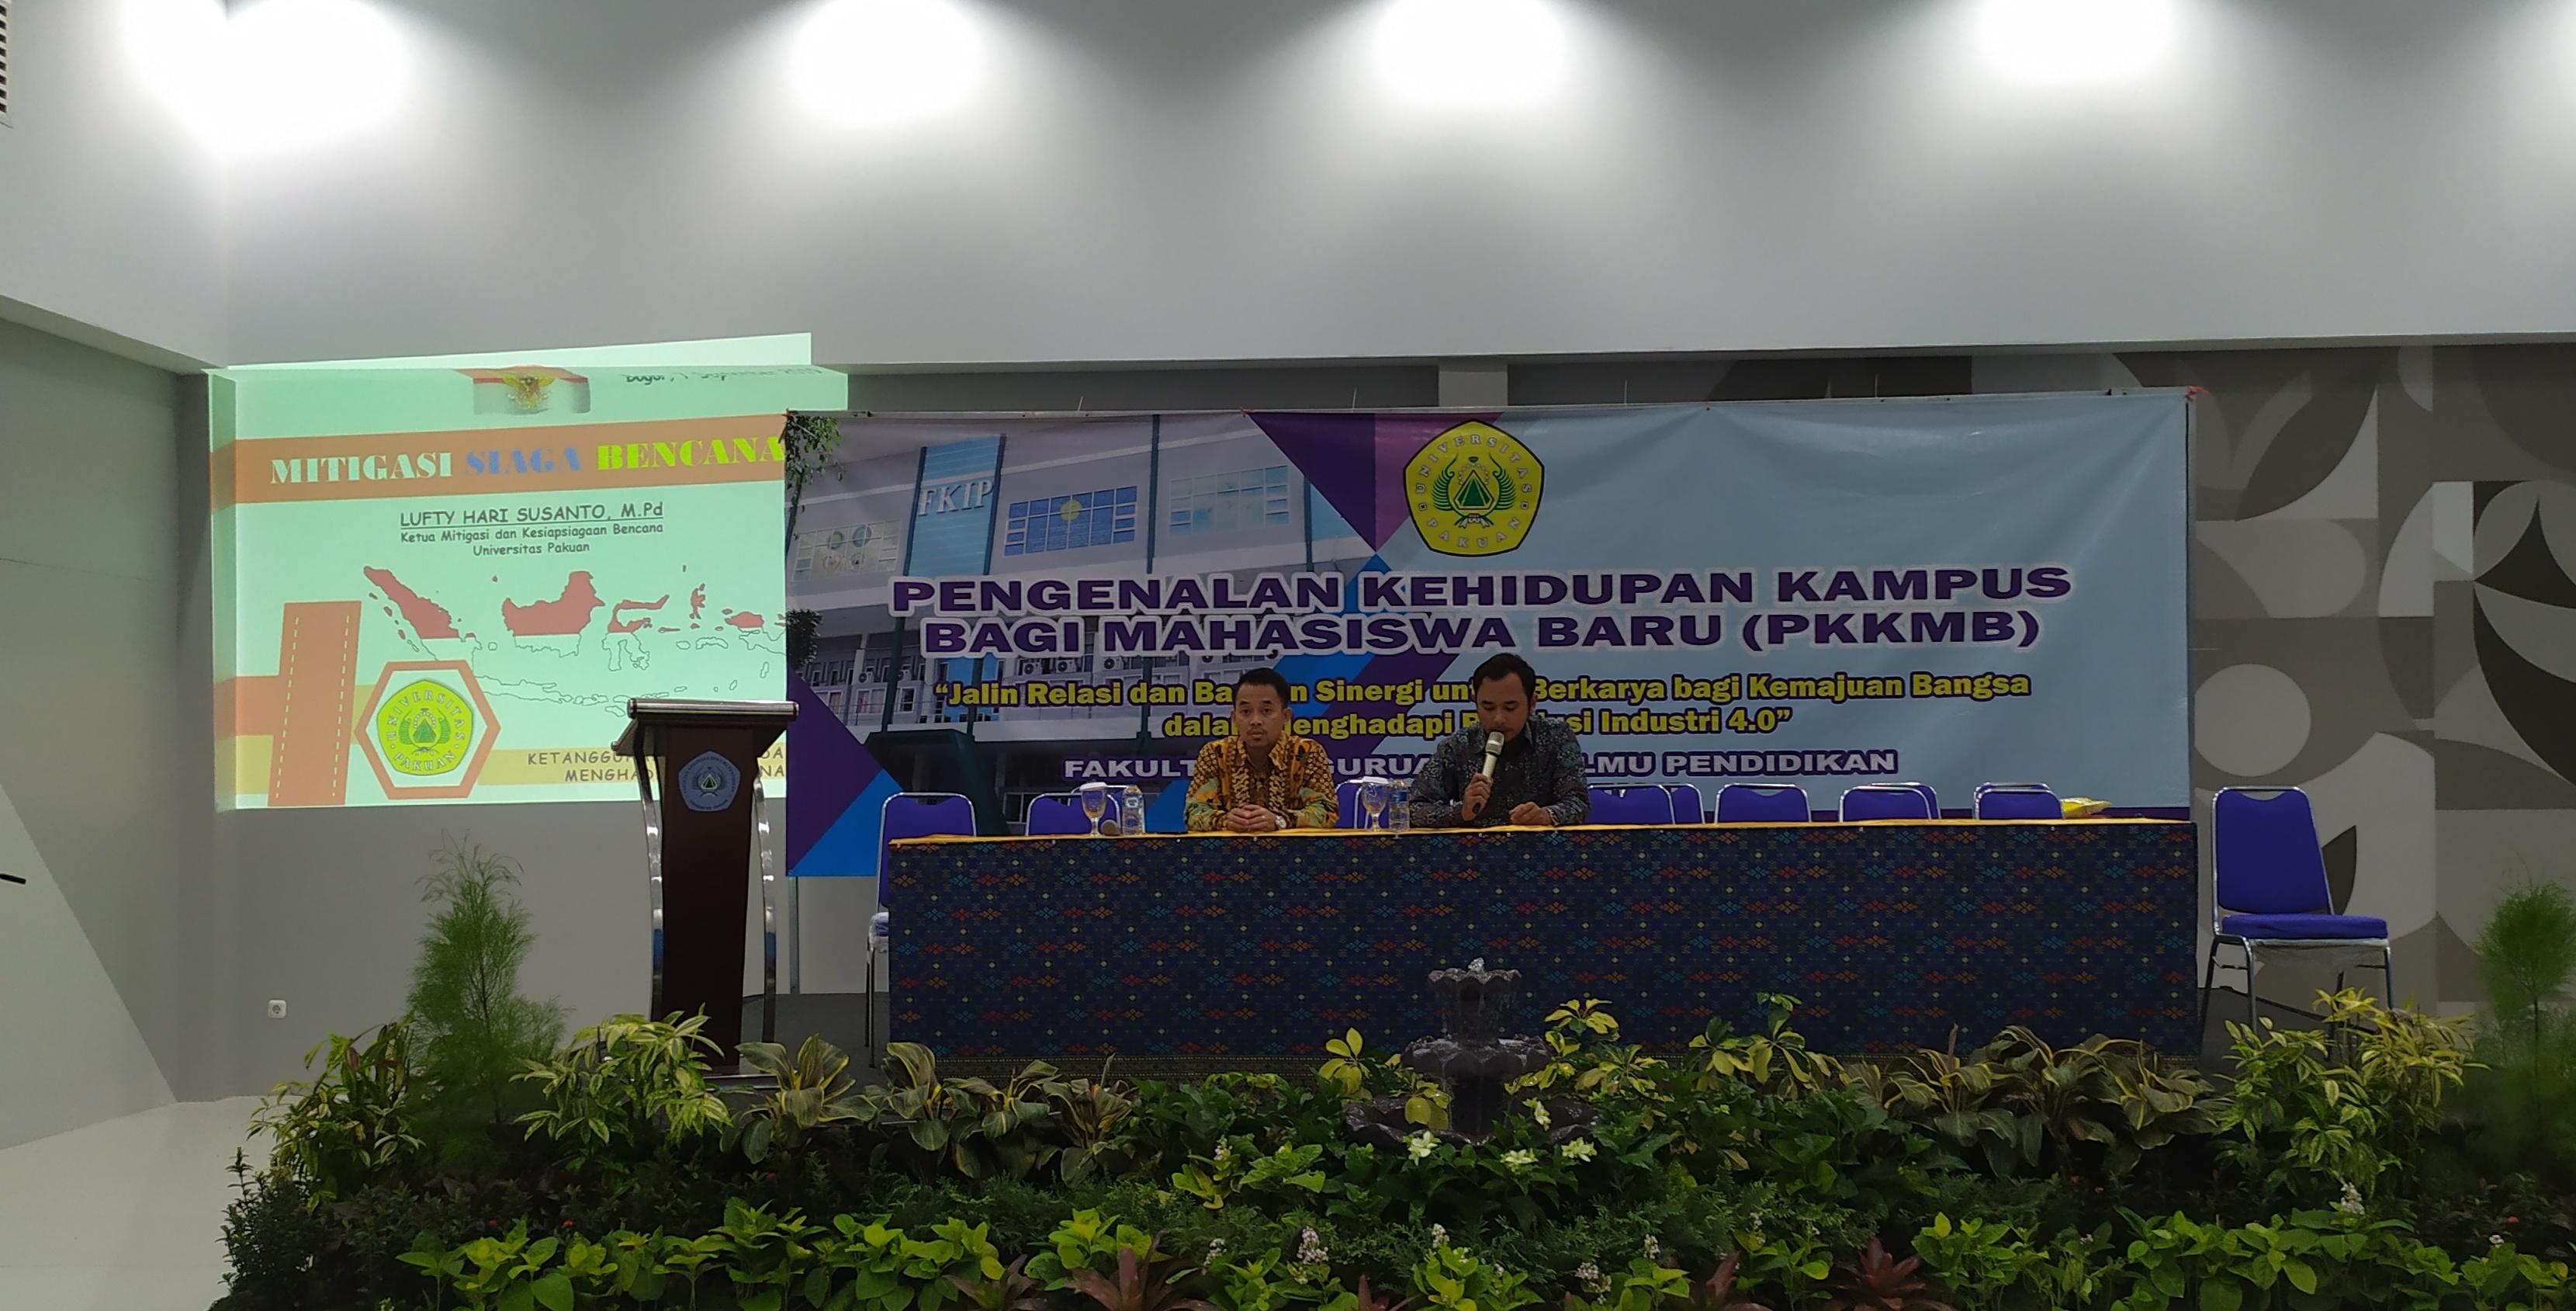 Ketua Mitigasi dan Kesiapsiagaan Bencana Universitas Pakuan, Lufty Hari Susanto, M.Pd saat edukasi tentang Mitigasi Bencana di Aula FKIP Unpak, Sabtu (7/9/19).